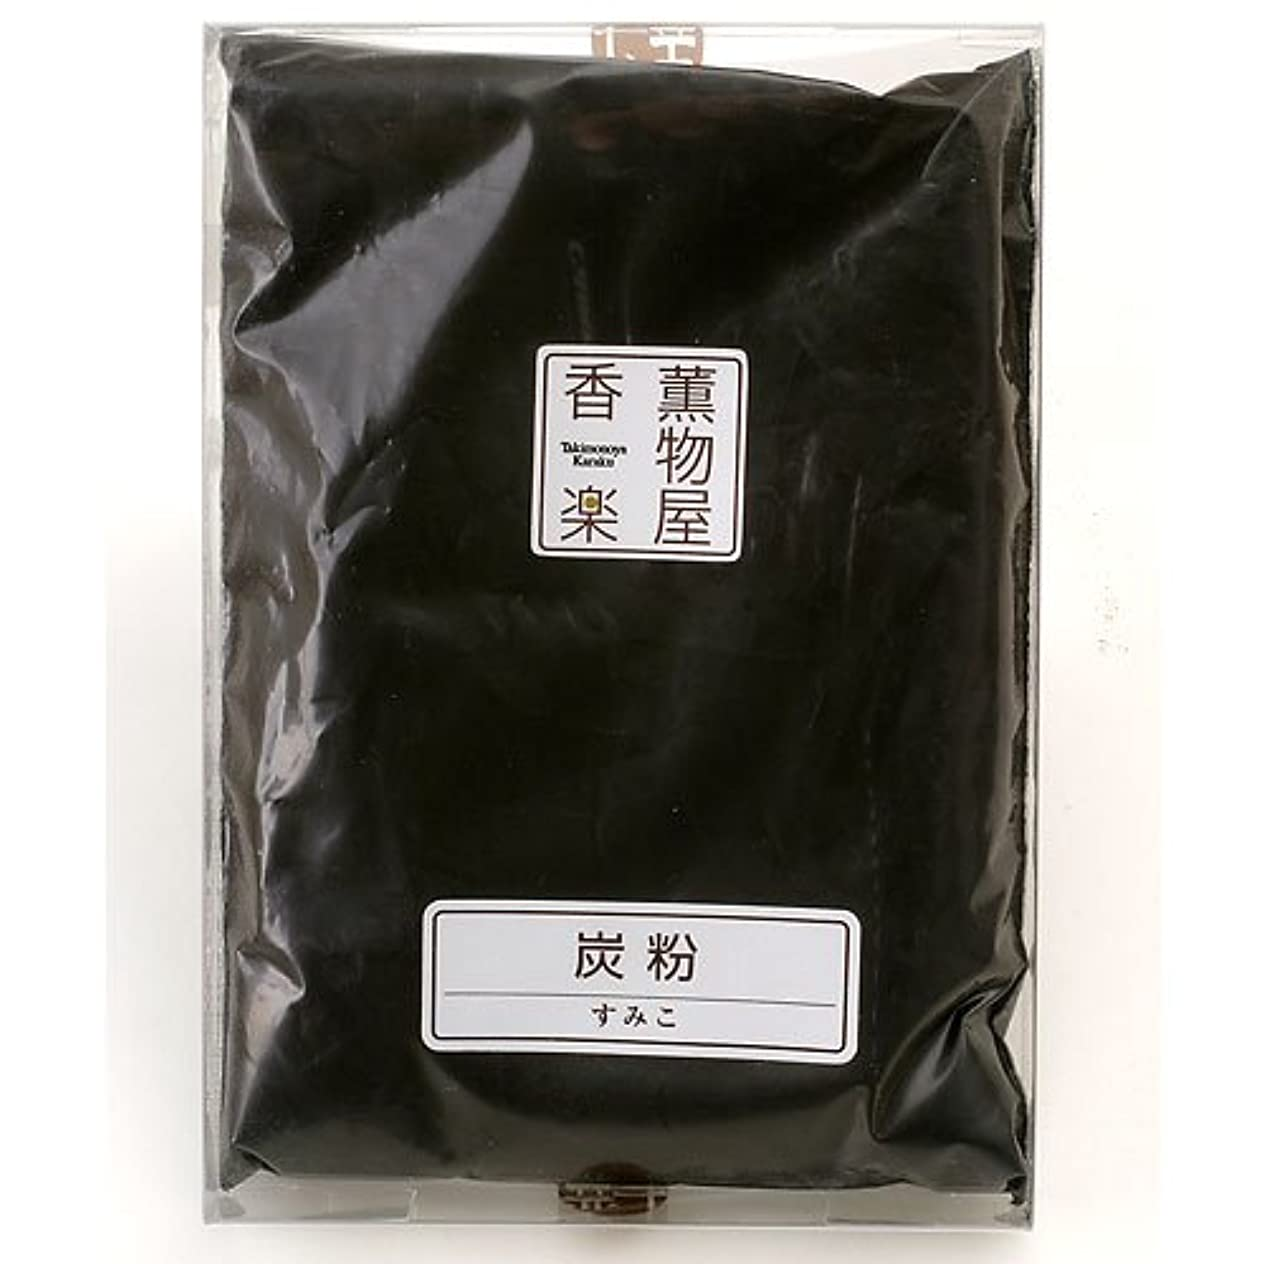 契約する浮浪者マウント炭粉(着火/カビ防止) 線香?練香の材料